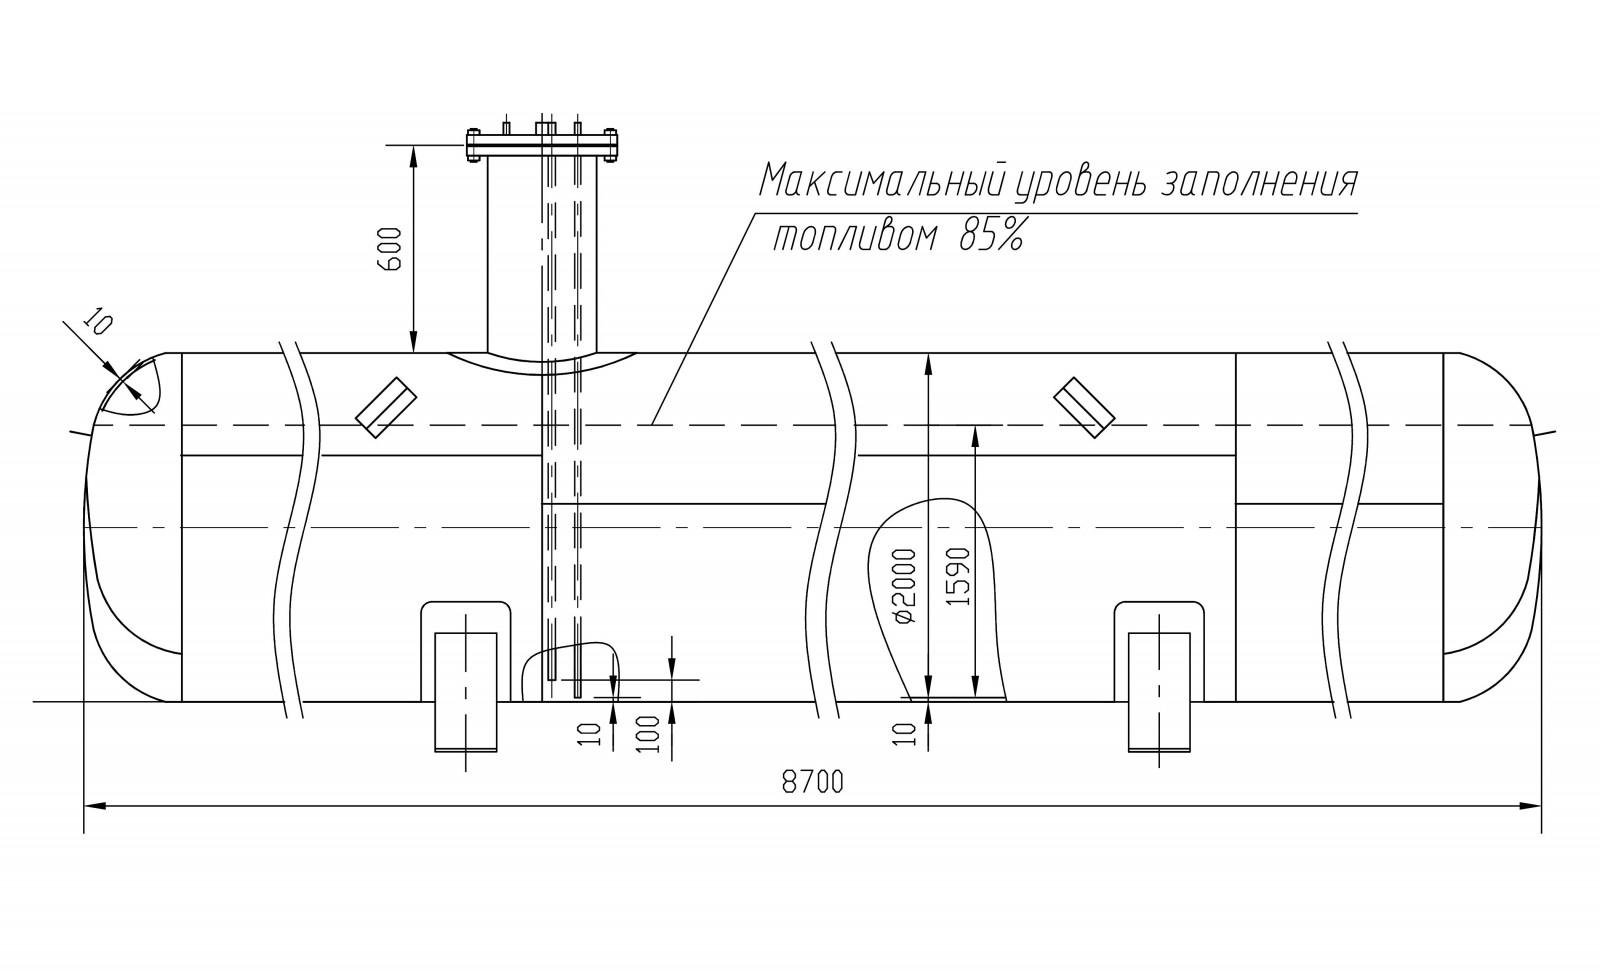 Резервуарные установки сжиженного газа СУГ